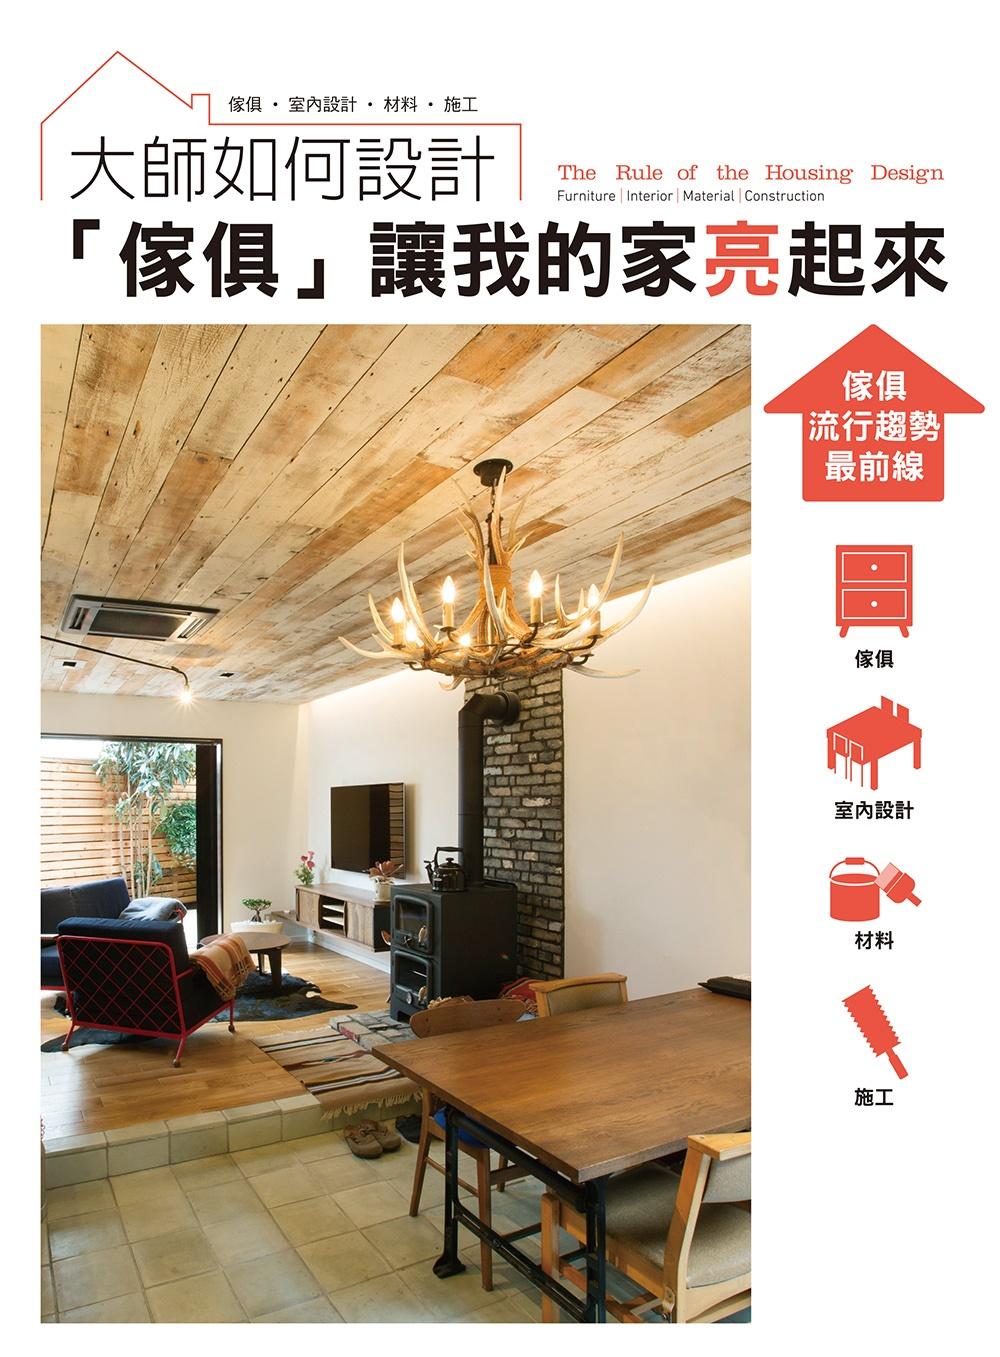 大師如何設計:「傢俱」讓我的家亮起來!住宅設計一定要知道的最新6大趨勢!